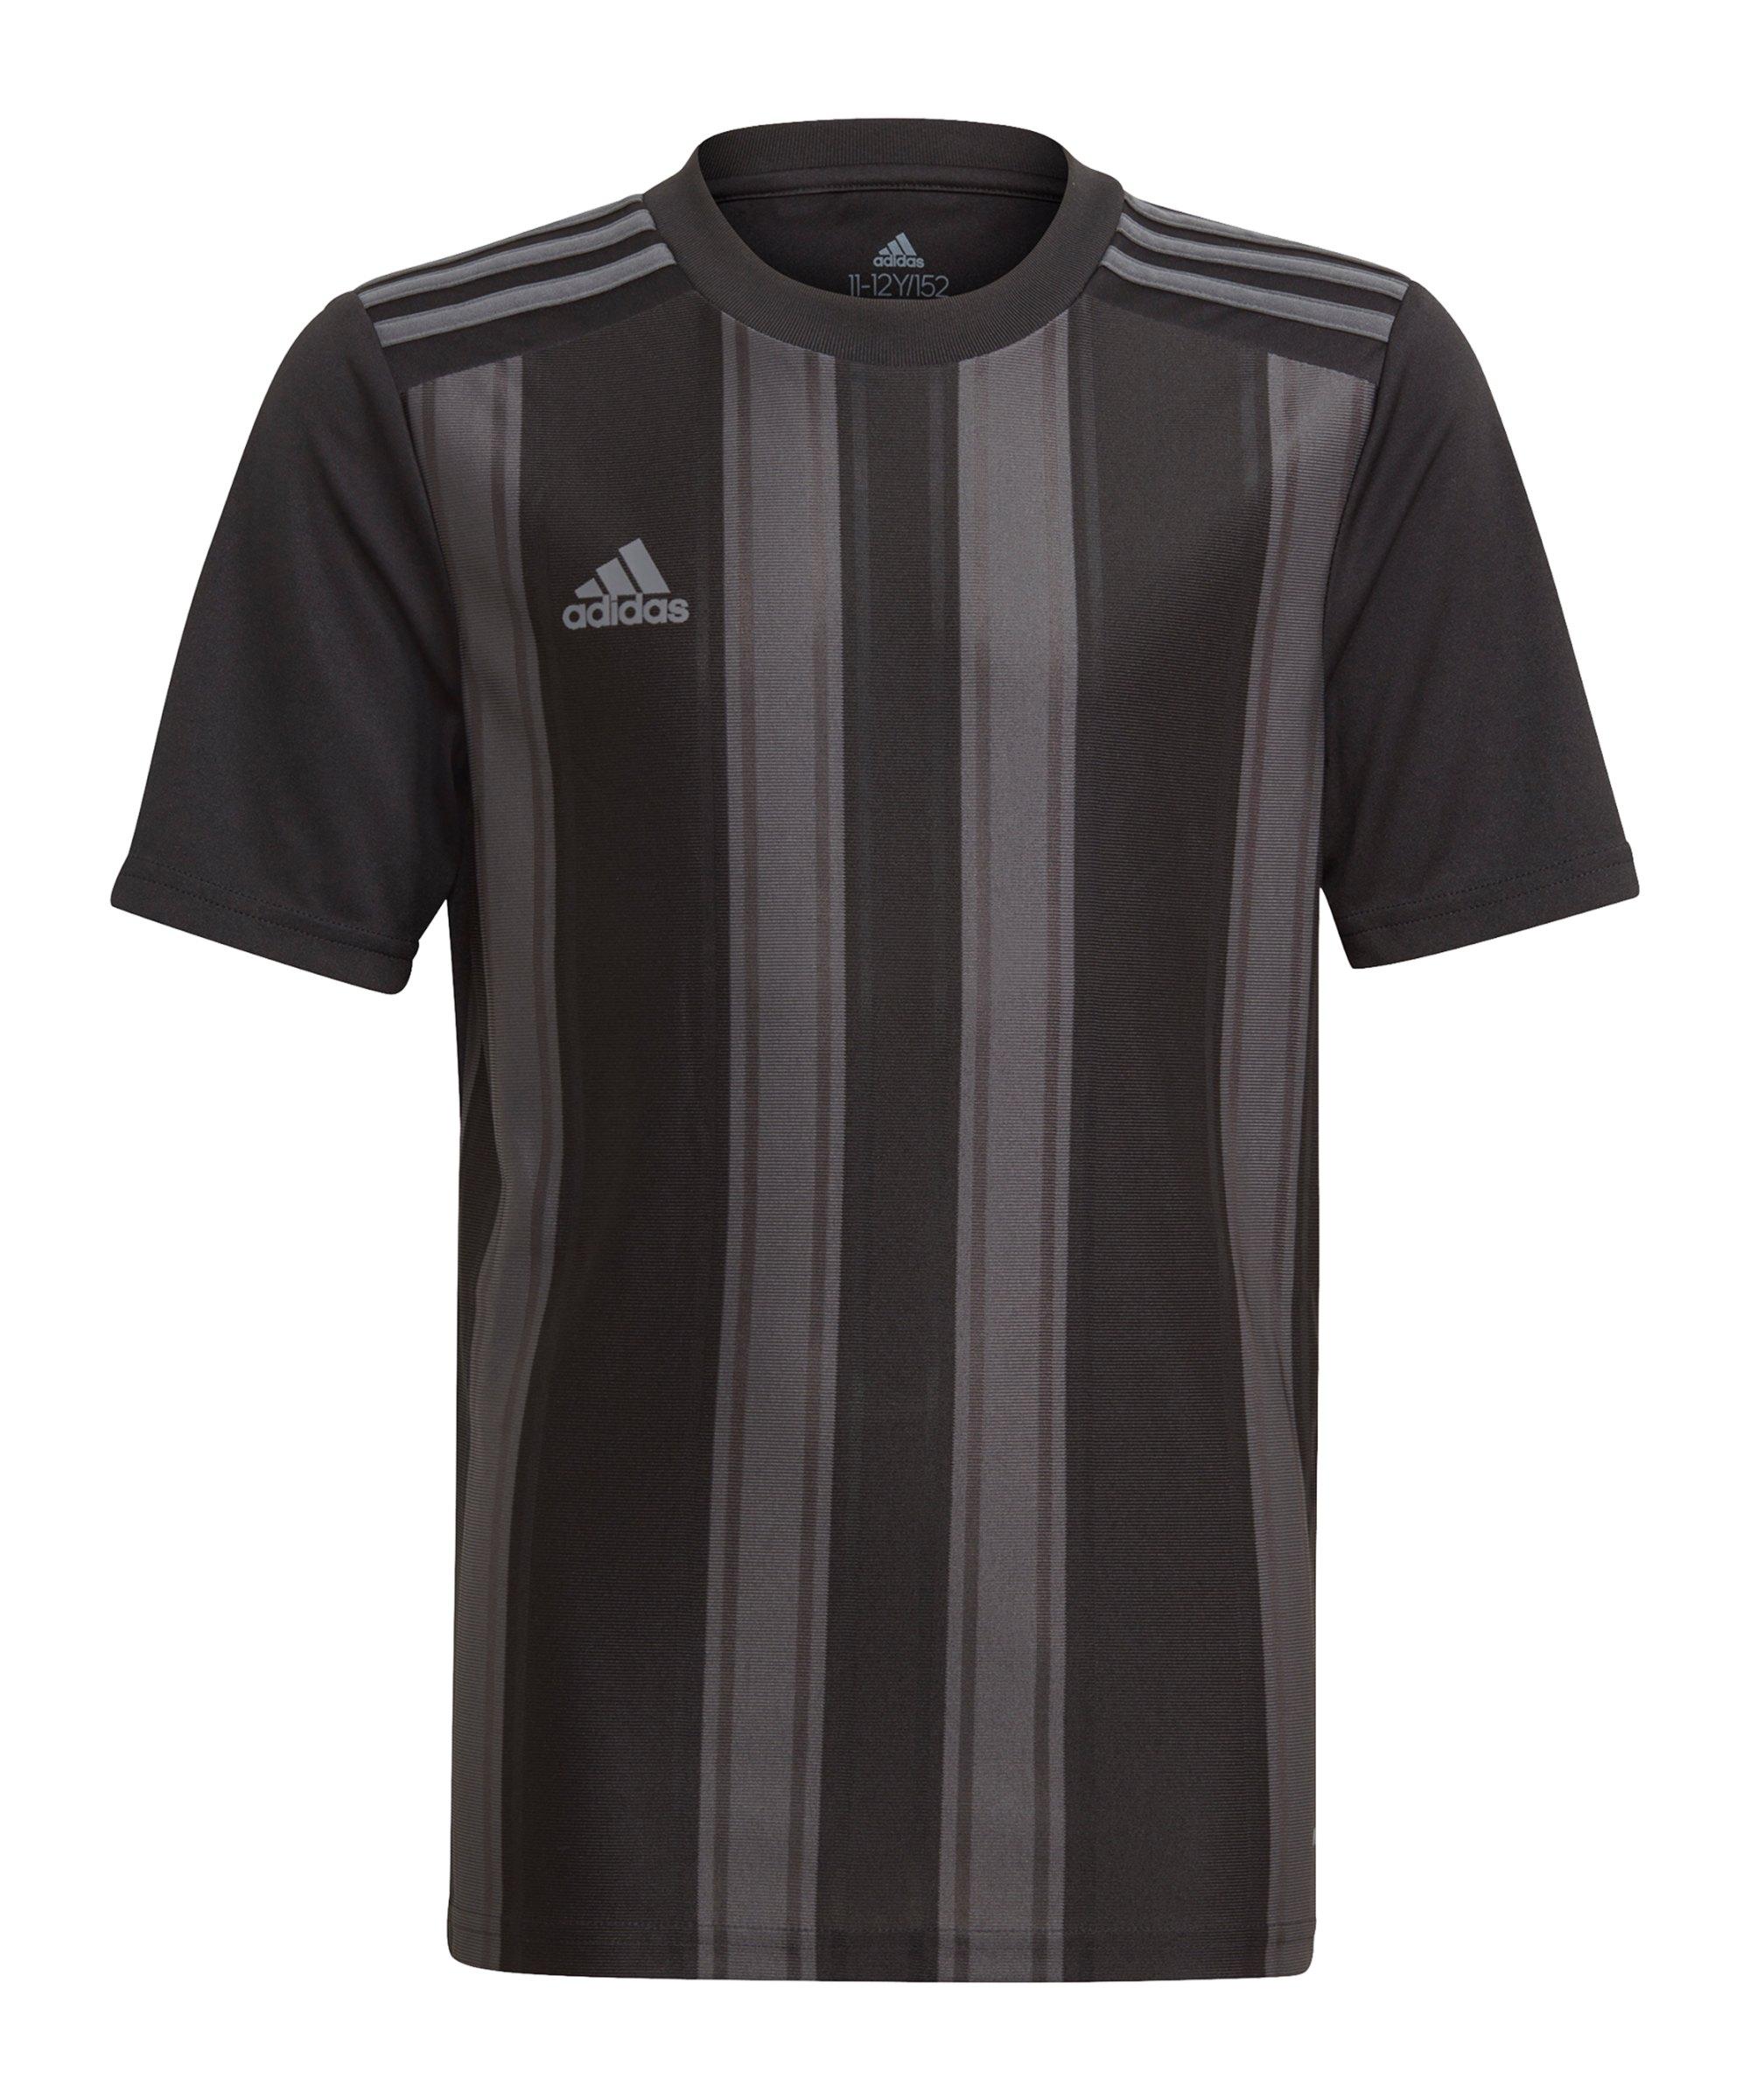 adidas Striped 21 Trikot Kids Schwarz Grau - schwarz